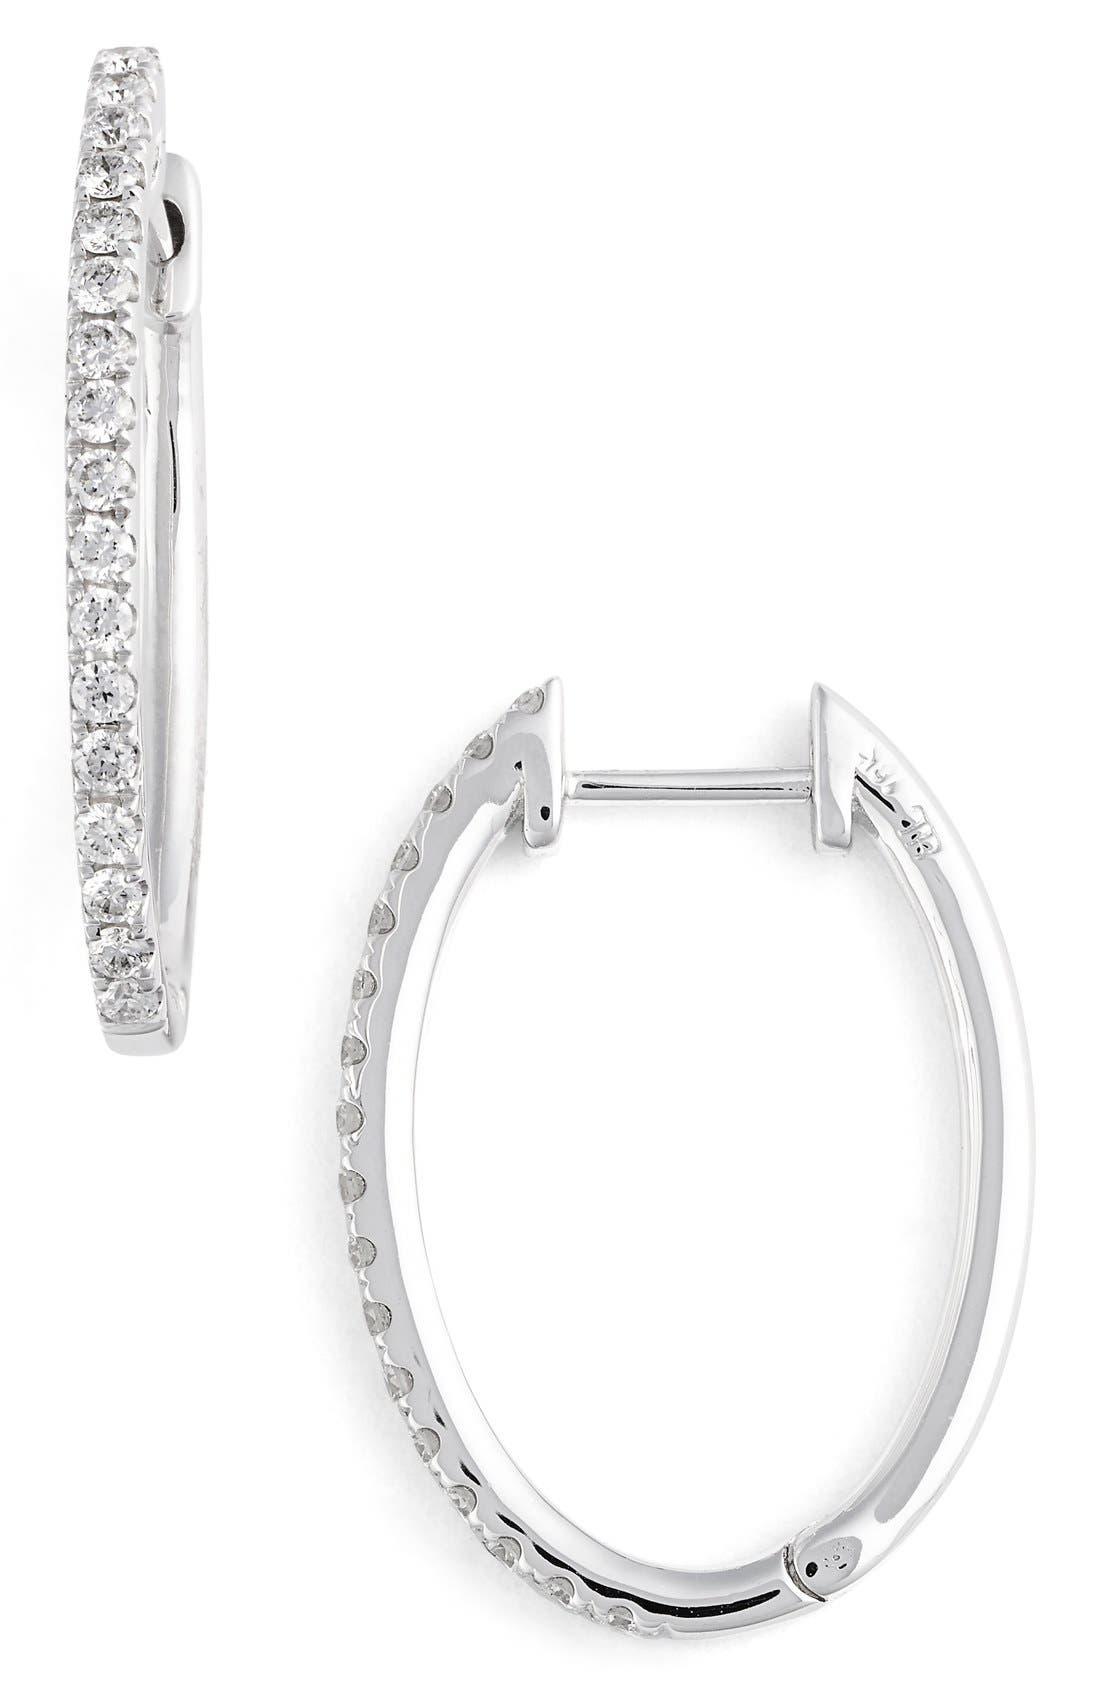 Main Image - Bony Levy Oval Hoop Diamond Earrings (Nordstrom Exclusive)